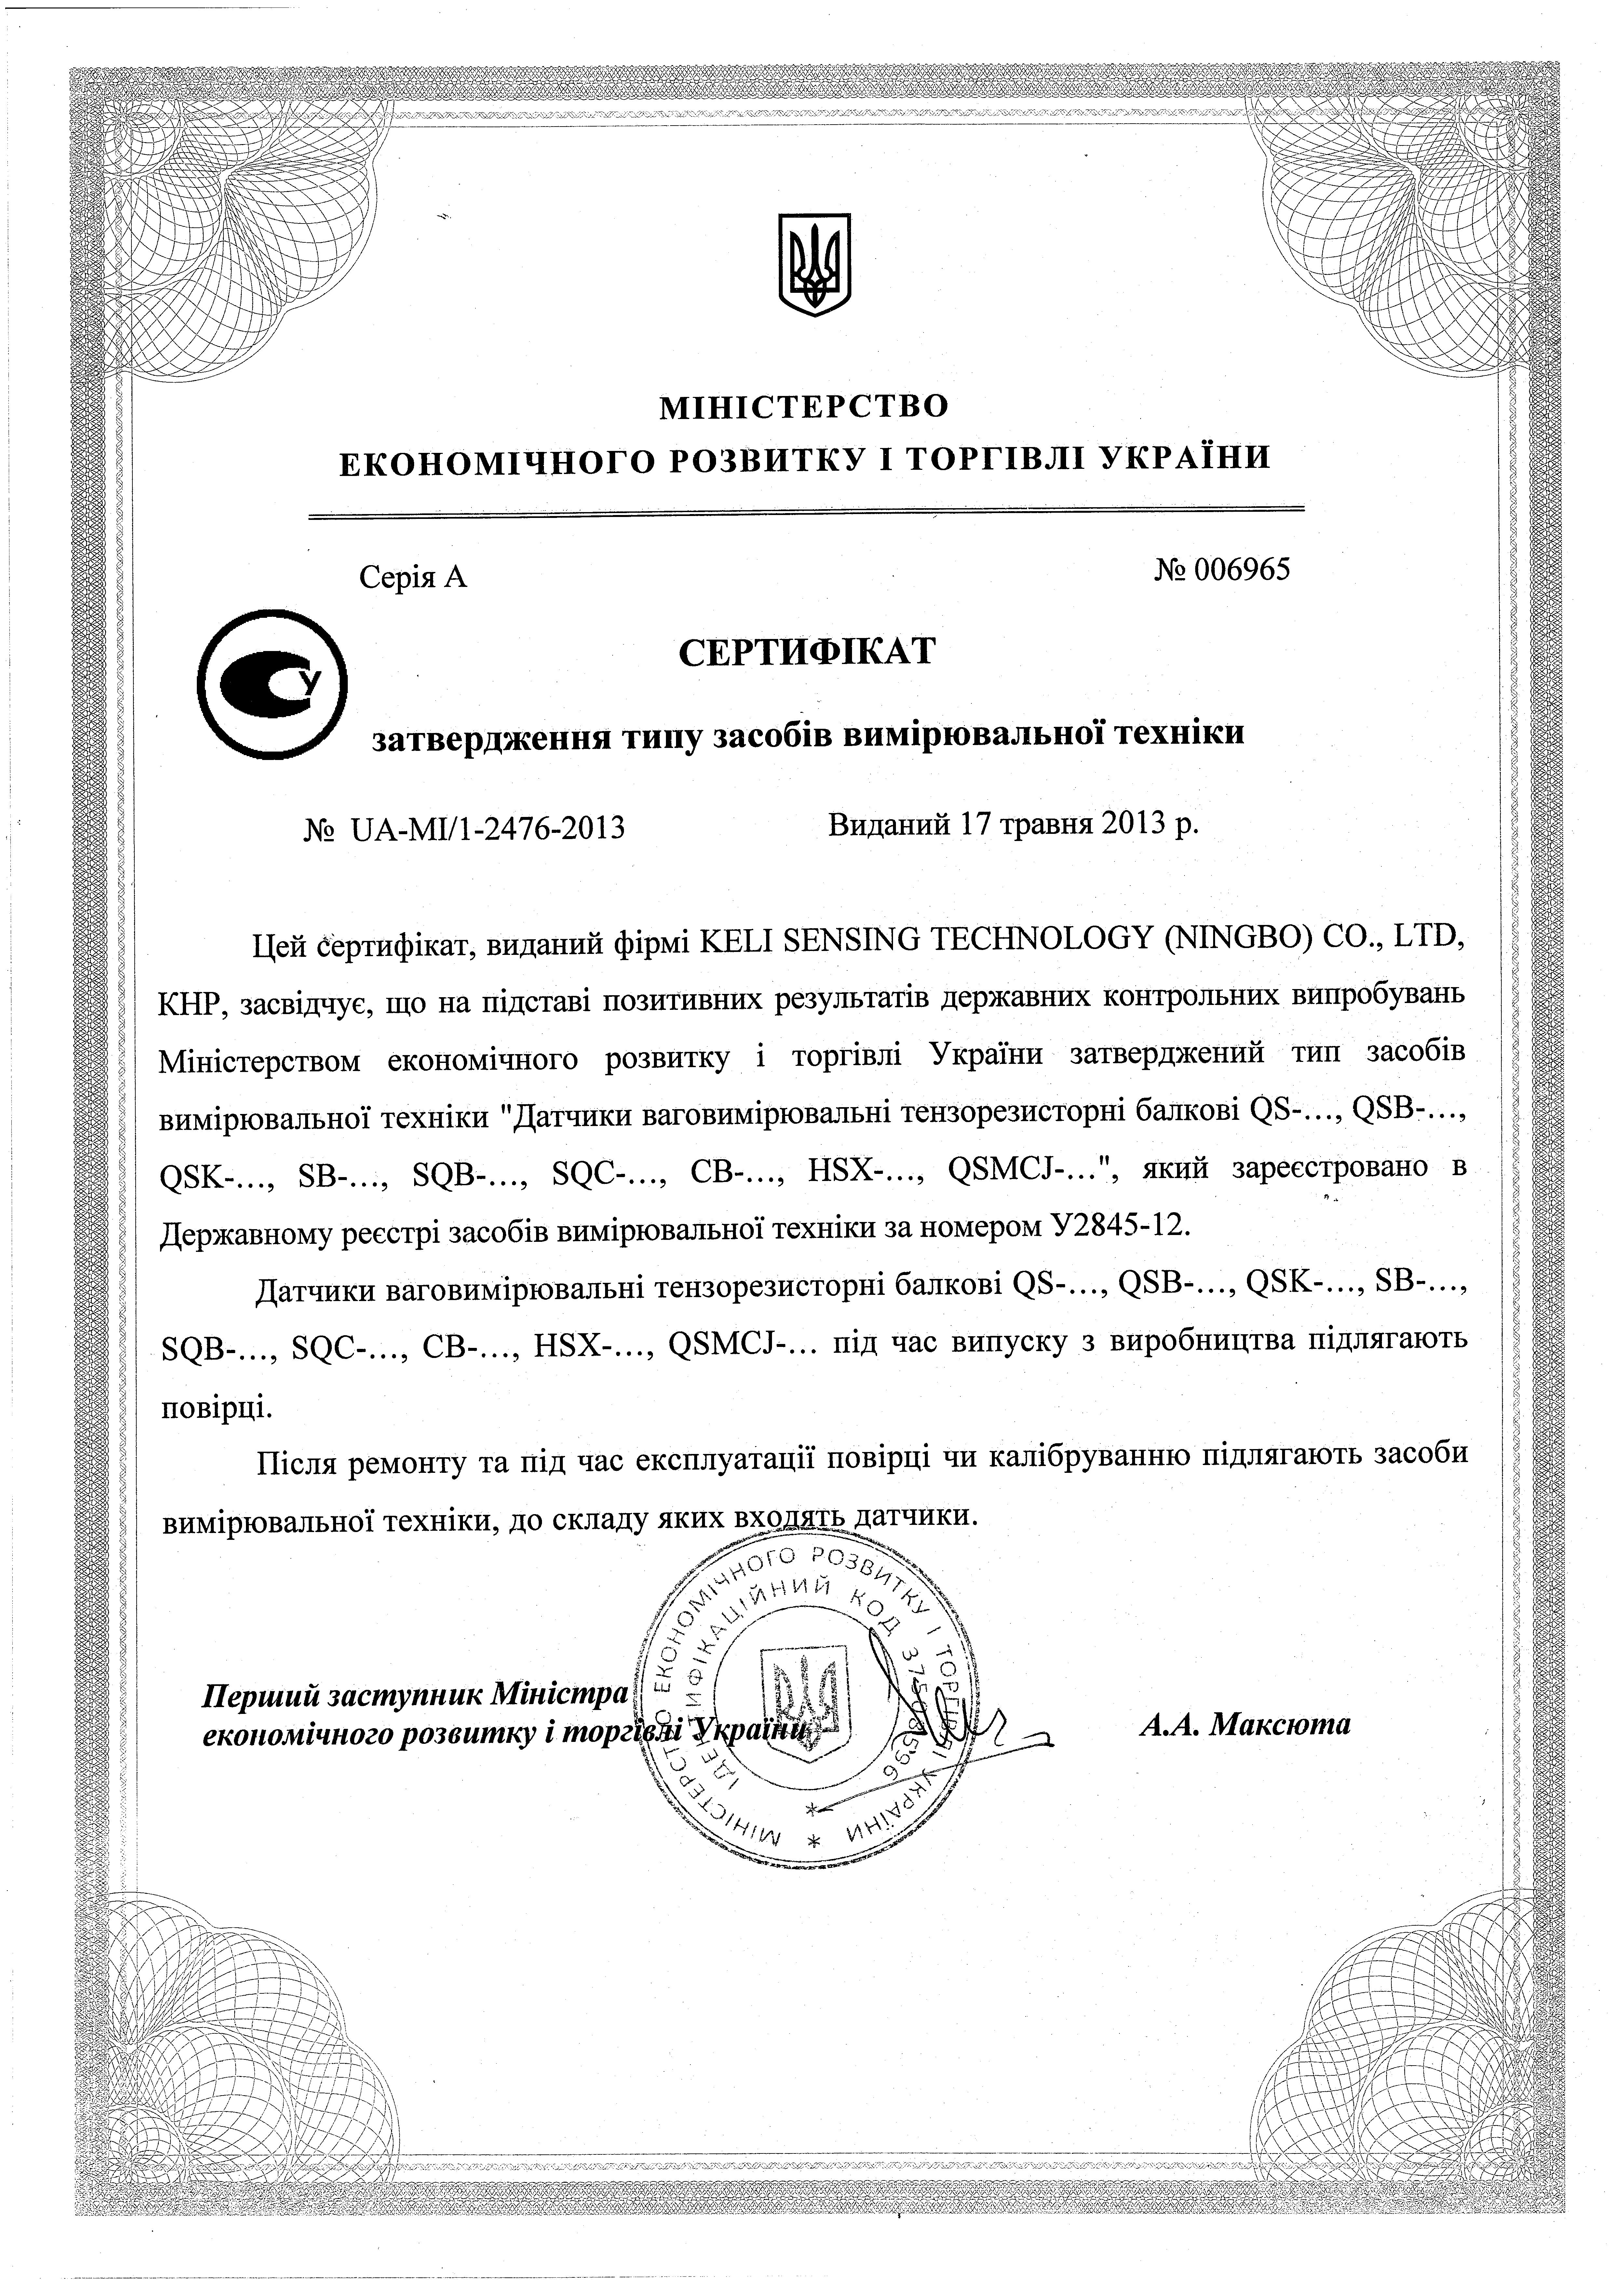 KELI сертификат утверждения типа балочные датчики У2845-12